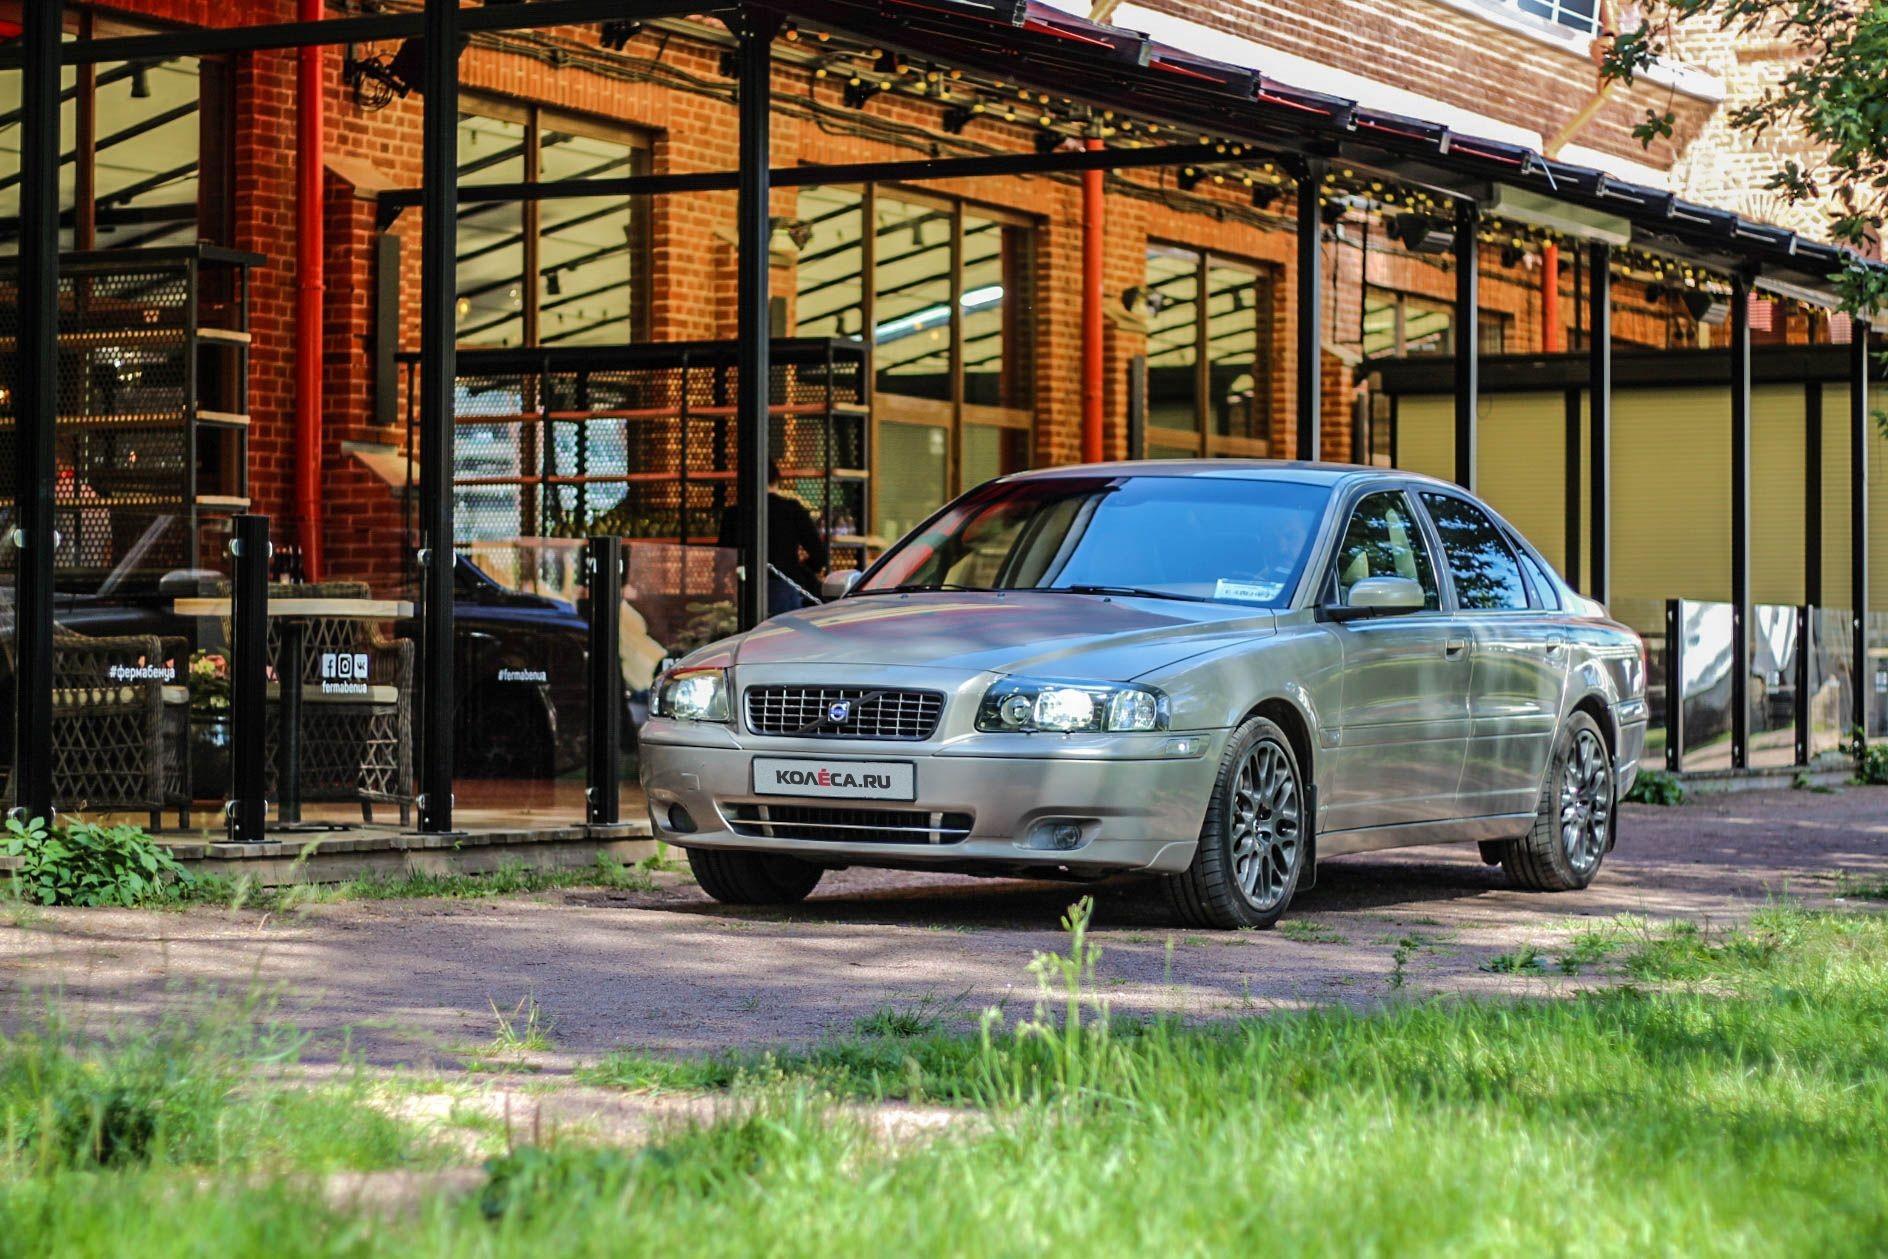 Volvo-S80-у-террасы-спереди